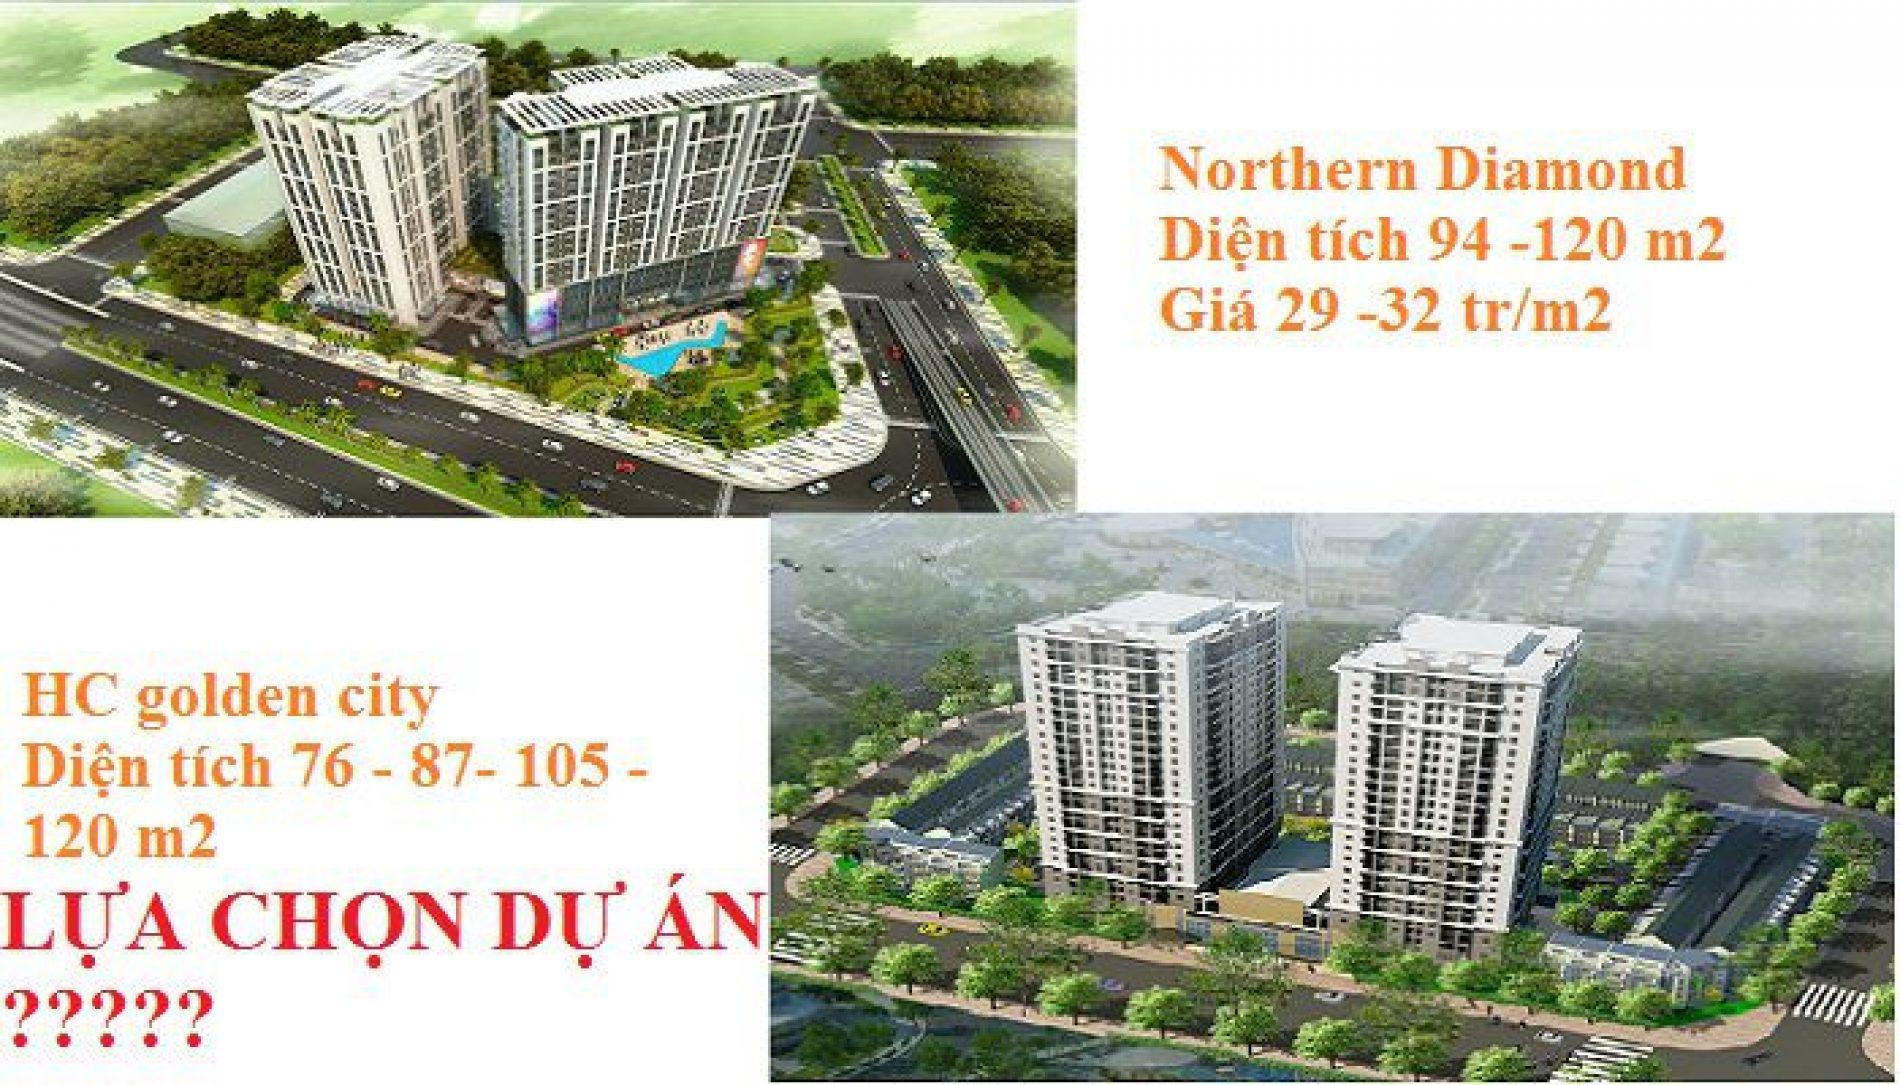 Lựa chọn HC golden city hay Northern Diamond Chân Cầu Vĩnh Tuy